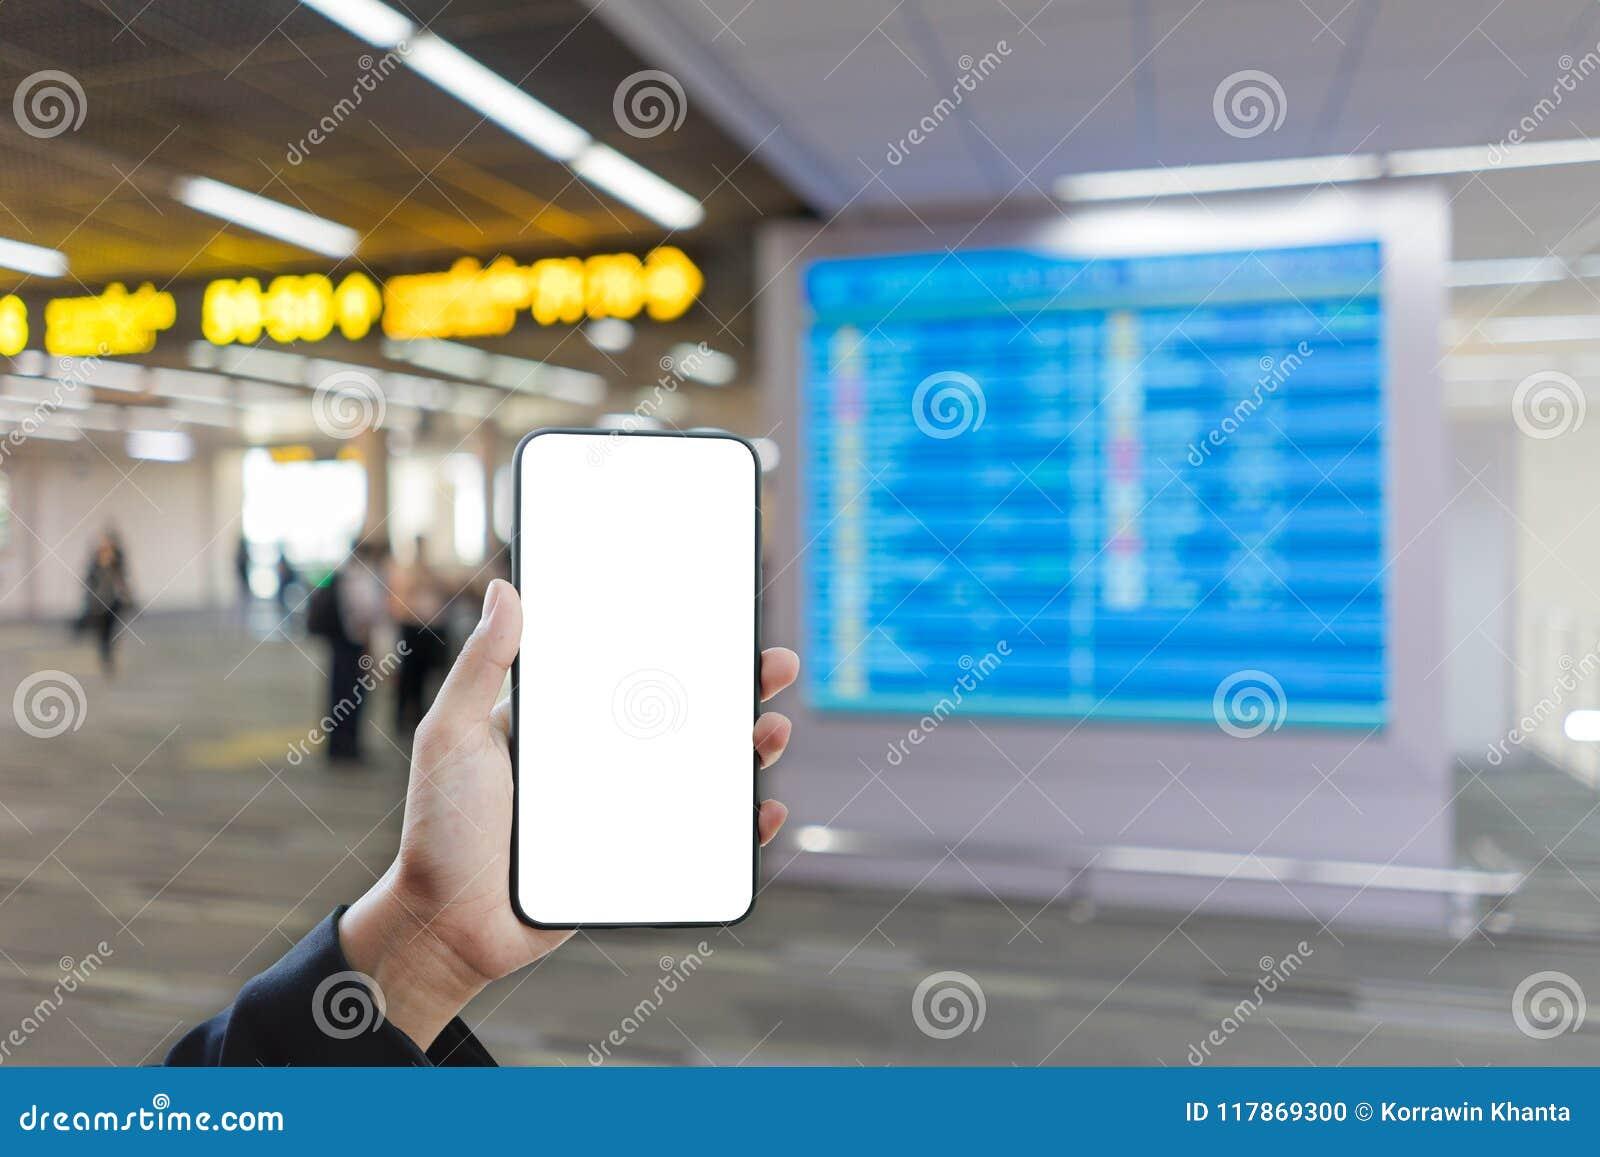 拿着智能手机大模型和被弄脏的航行时刻表背景的妇女手